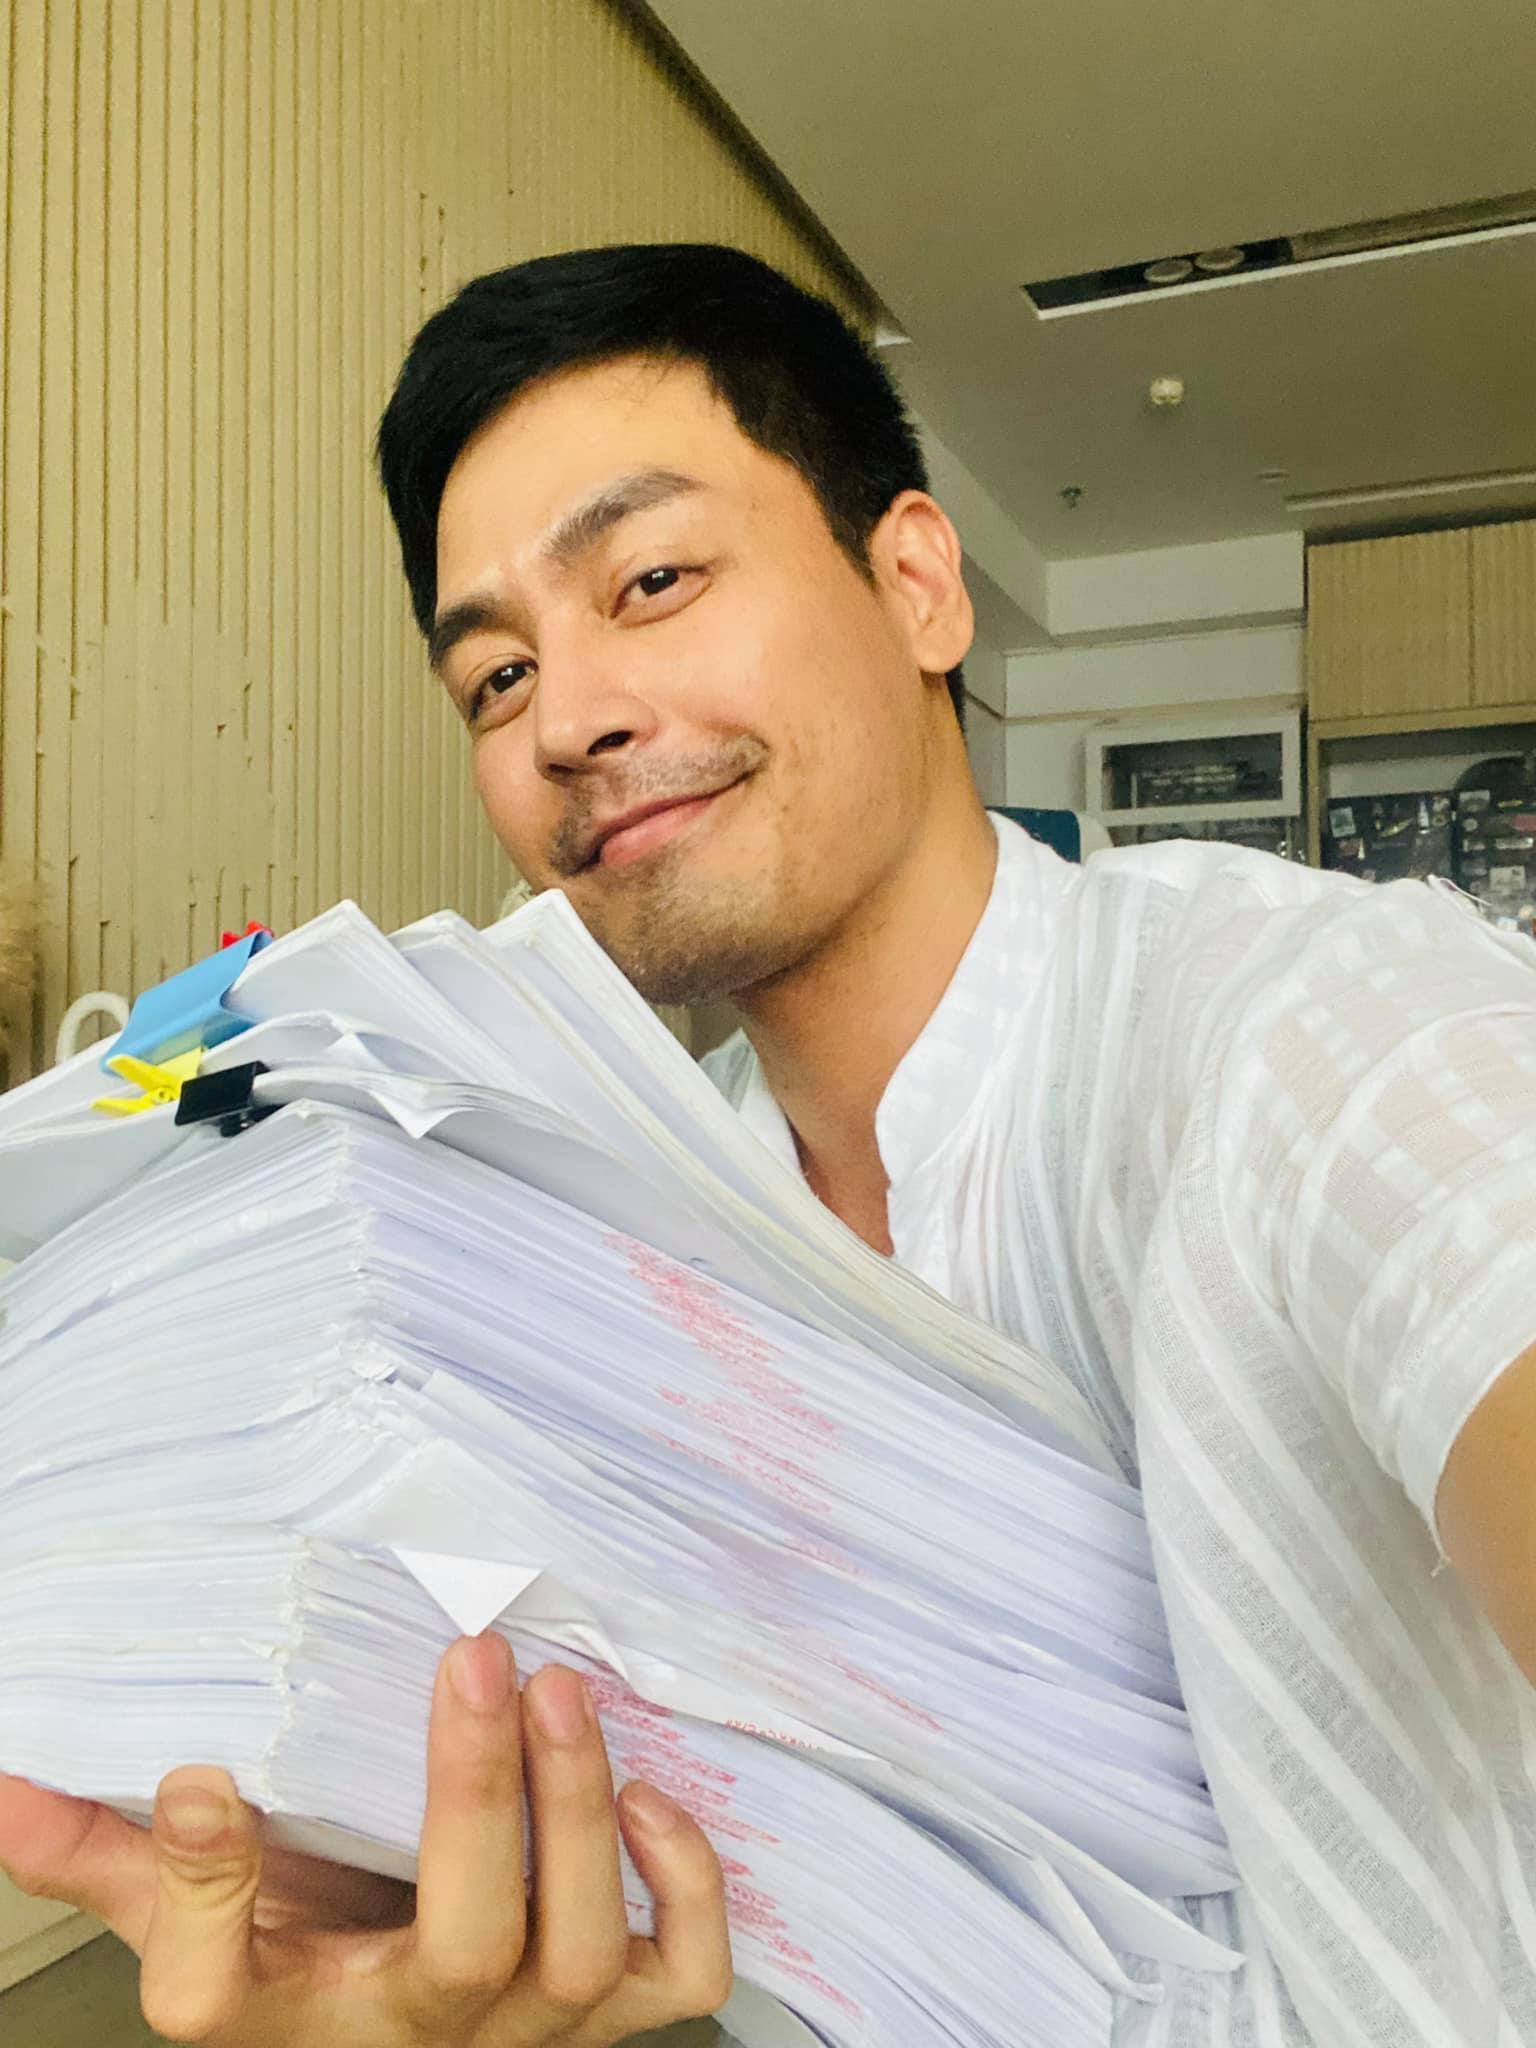 mc phan anh 1 16311120981521675345846 MC Phan Anh: Xin hãy kiện nếu thấy tôi ăn chặn từ thiện